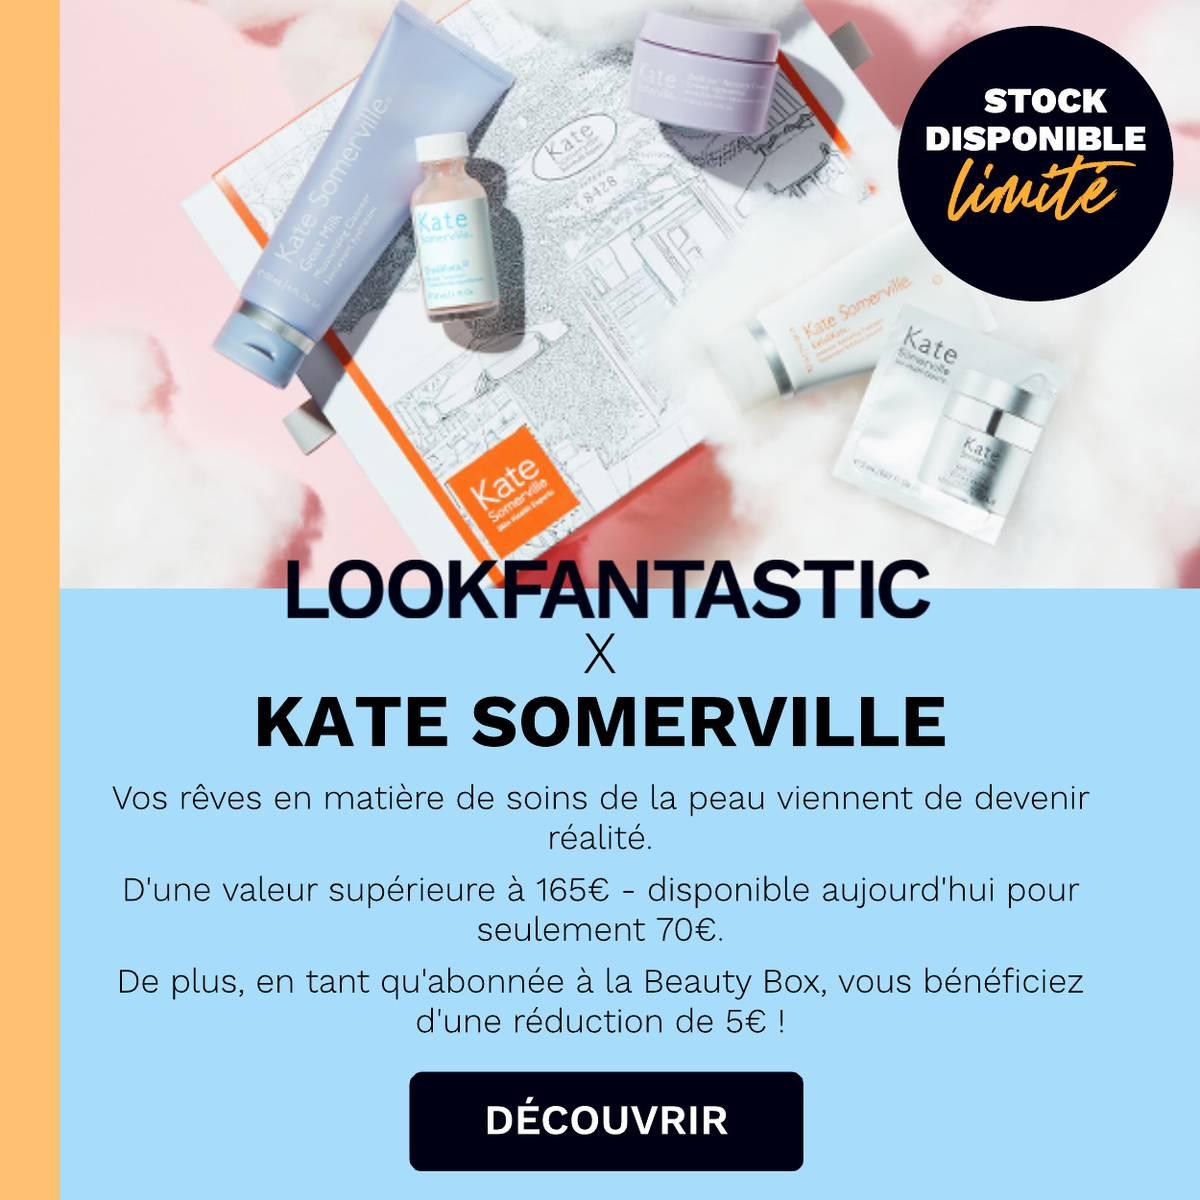 La Beauty BoxKate Somerville est arrivée!